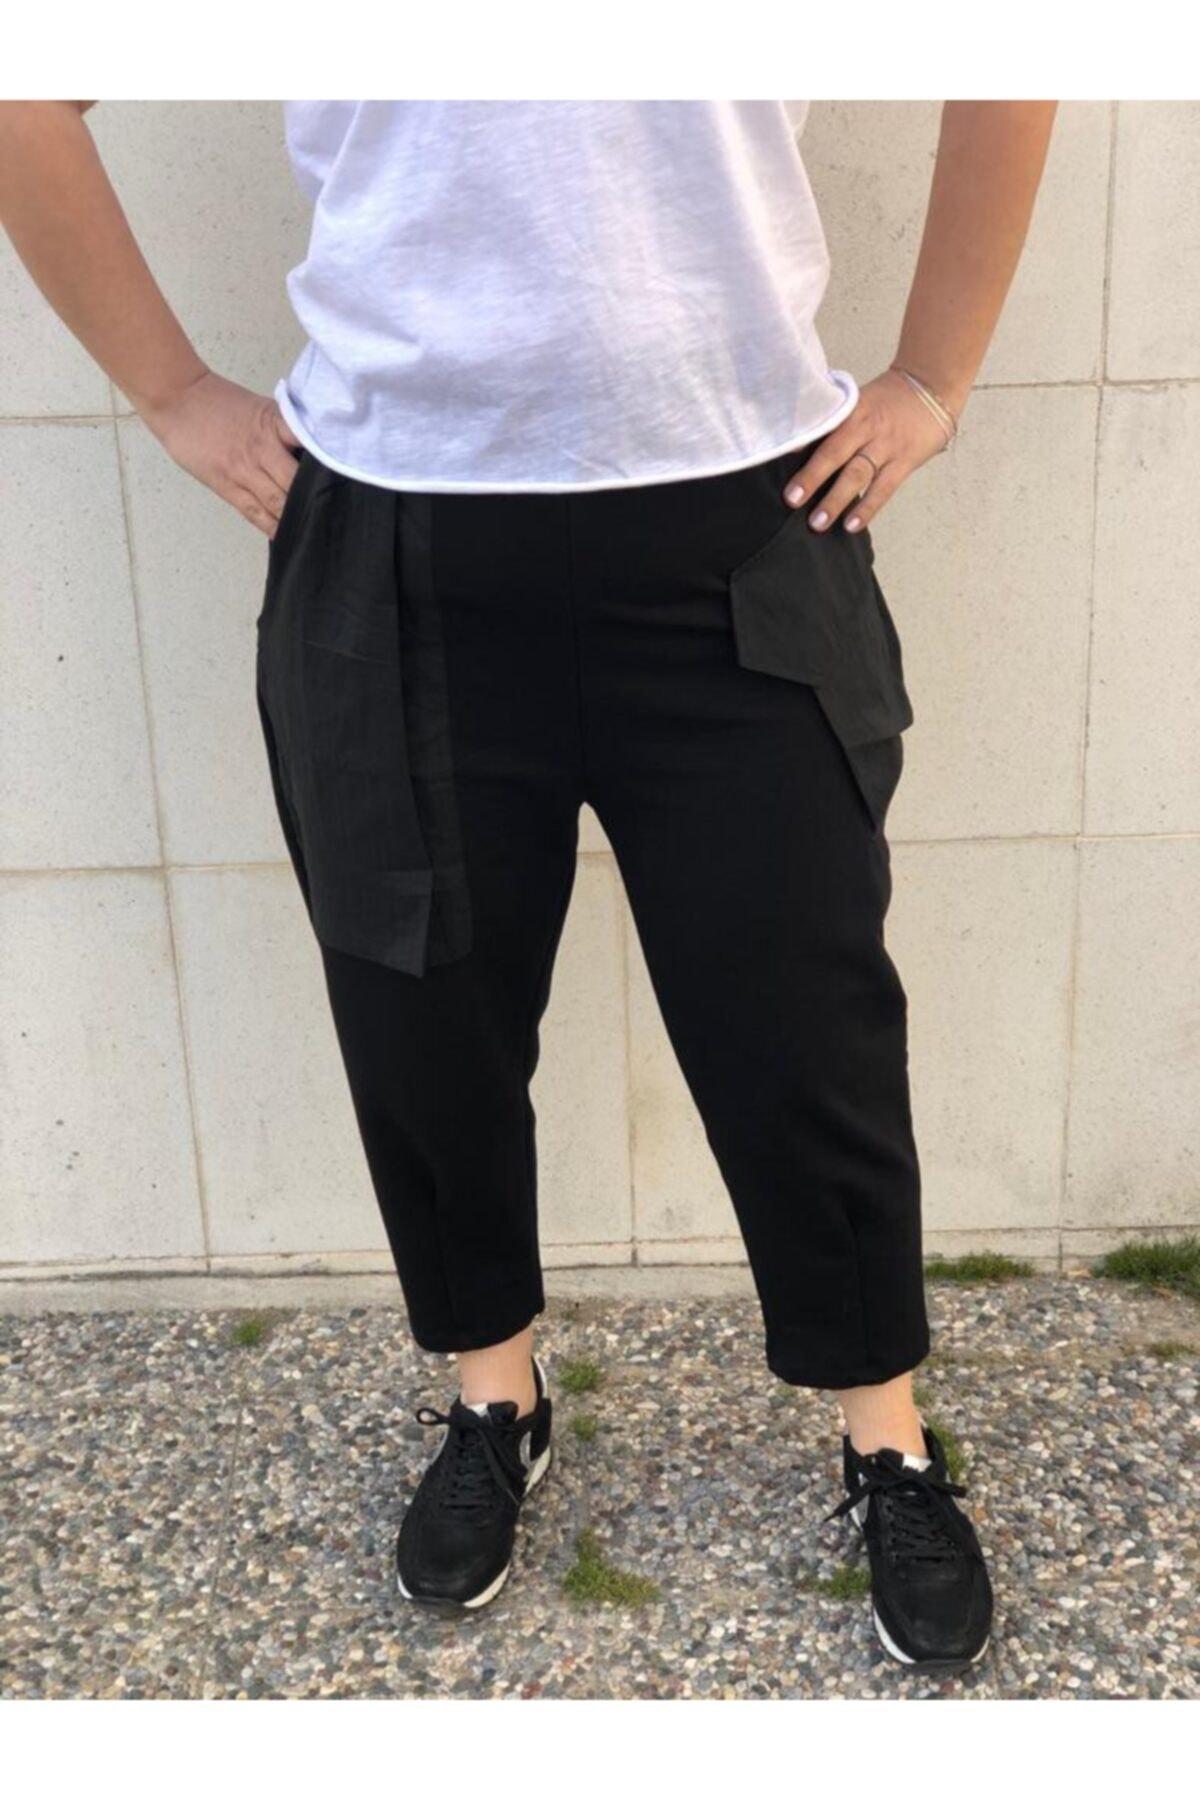 BAKTAGÖR Kadın Siyah Eşofman Pantolon 1